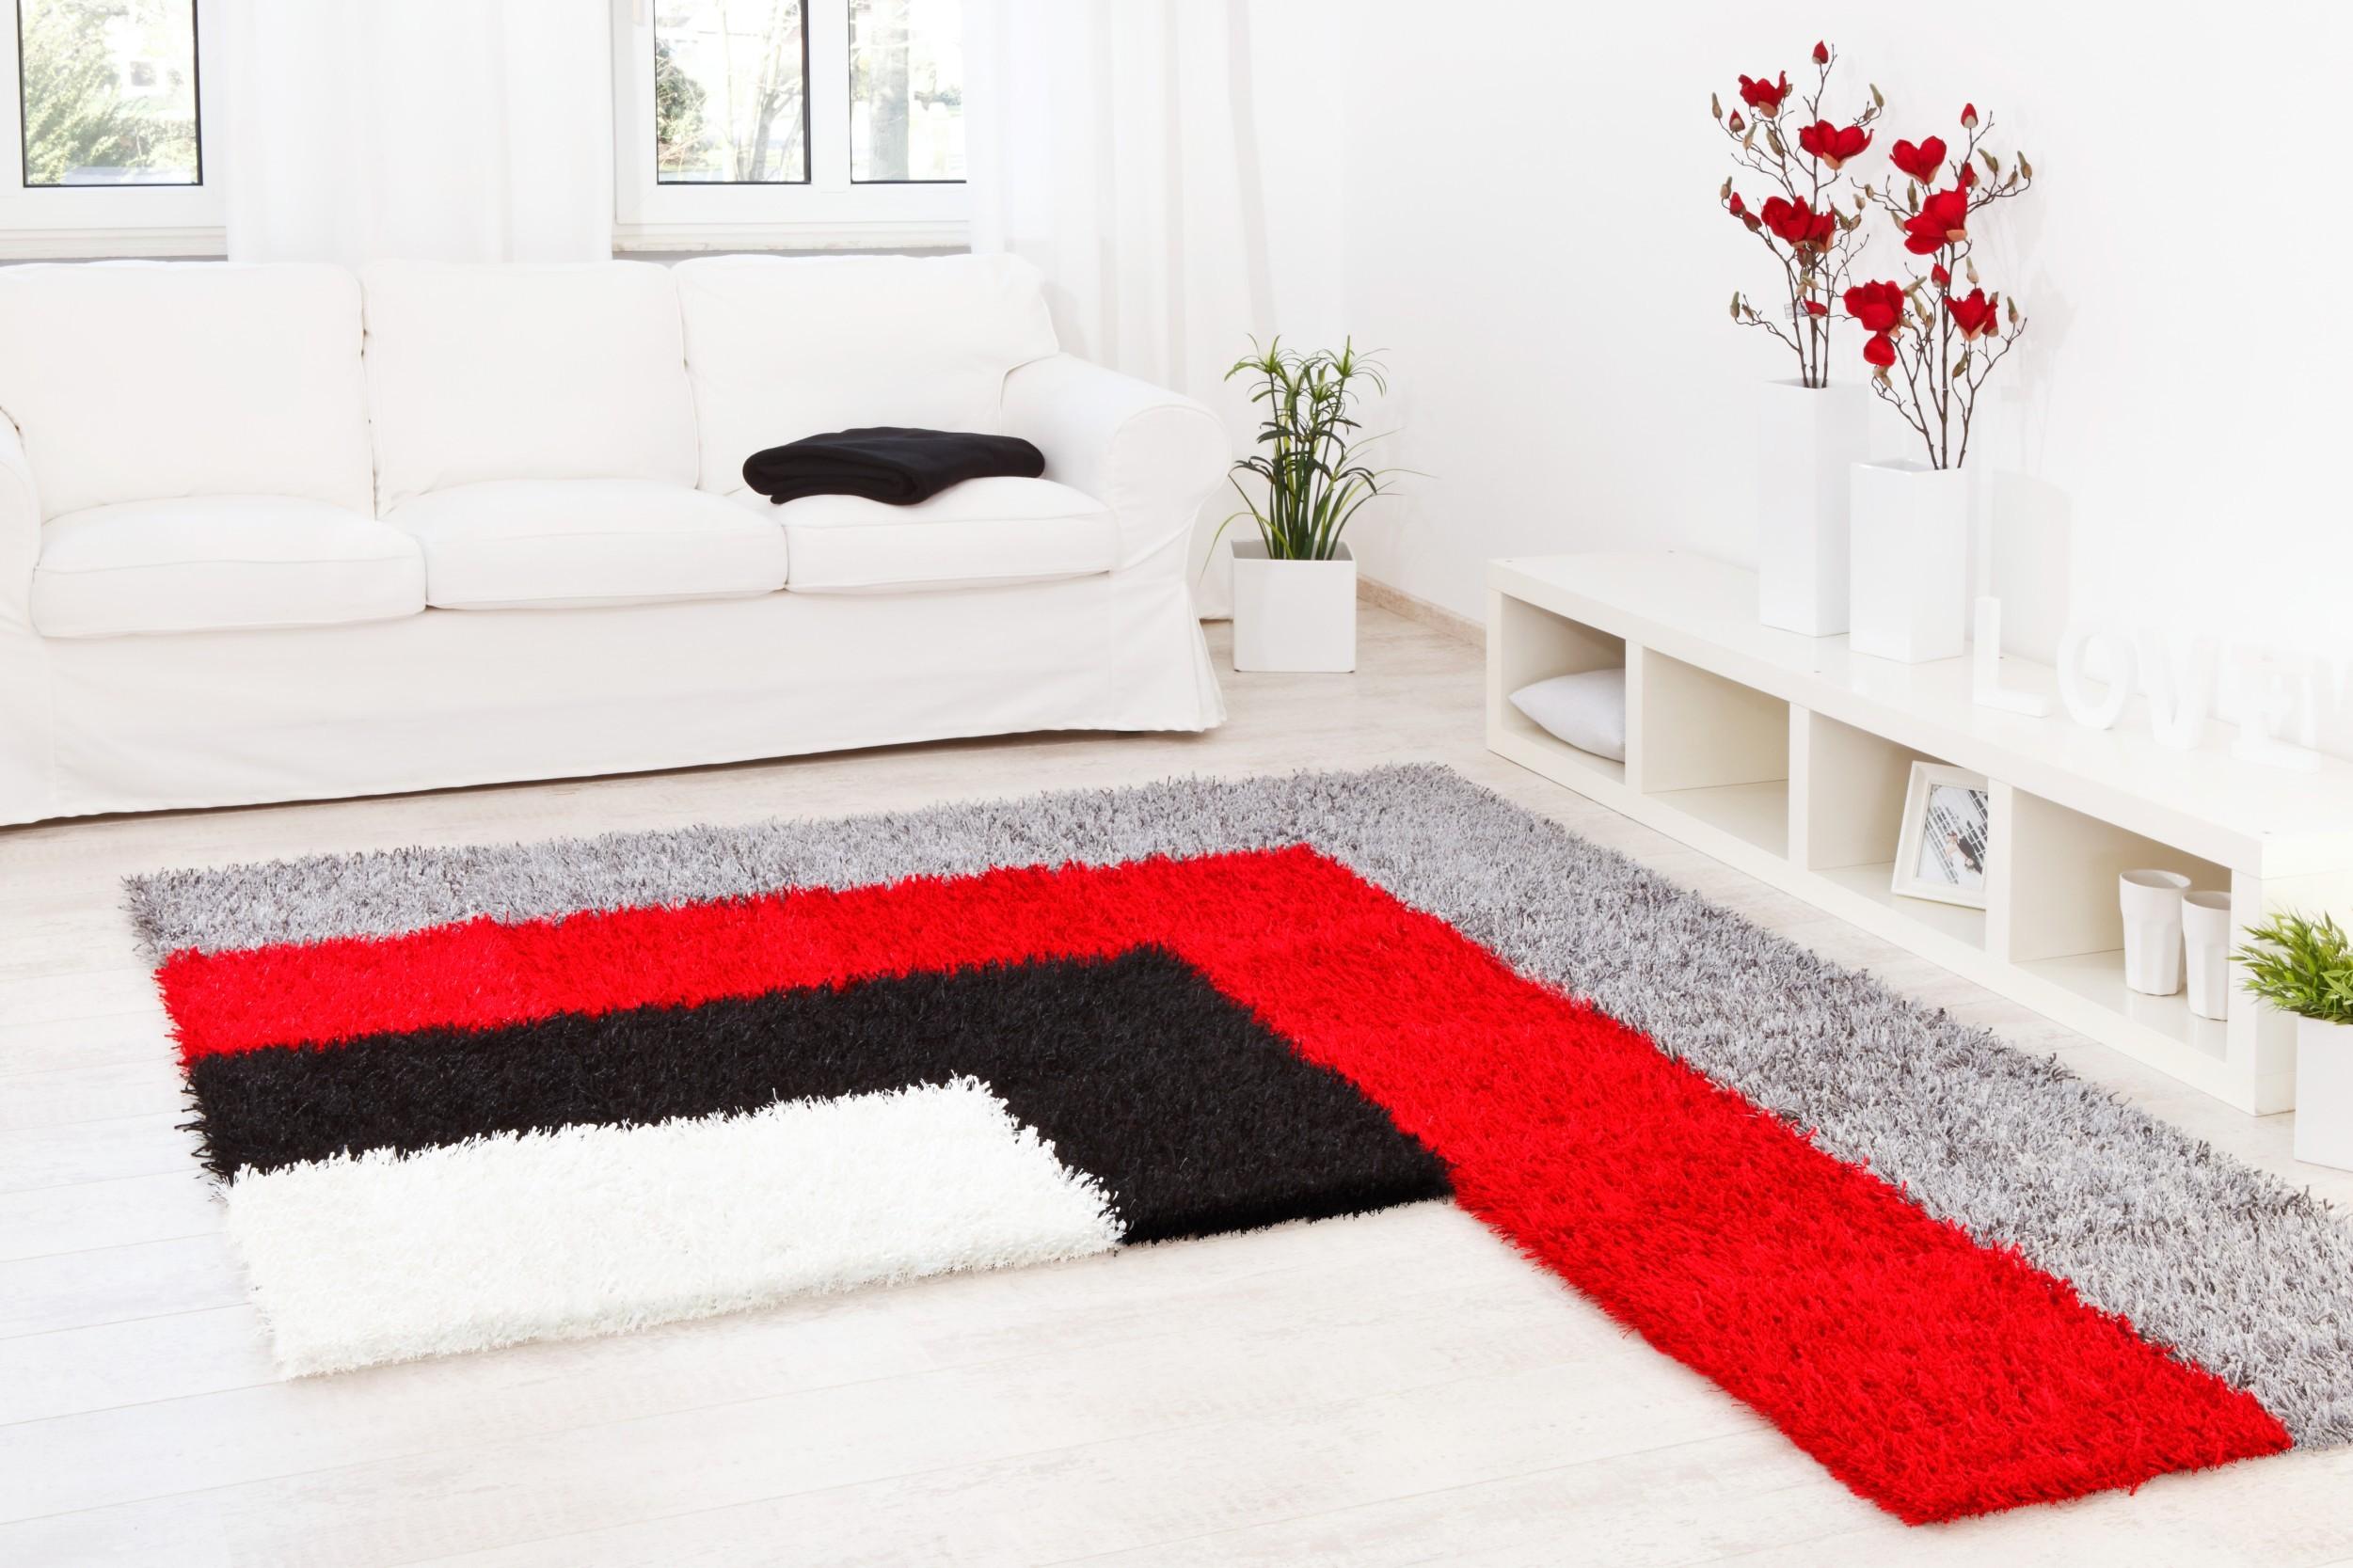 Teppich Al Mano Beispiel: L-Form in vier Farben (weiß, schwarz, rot, grau)